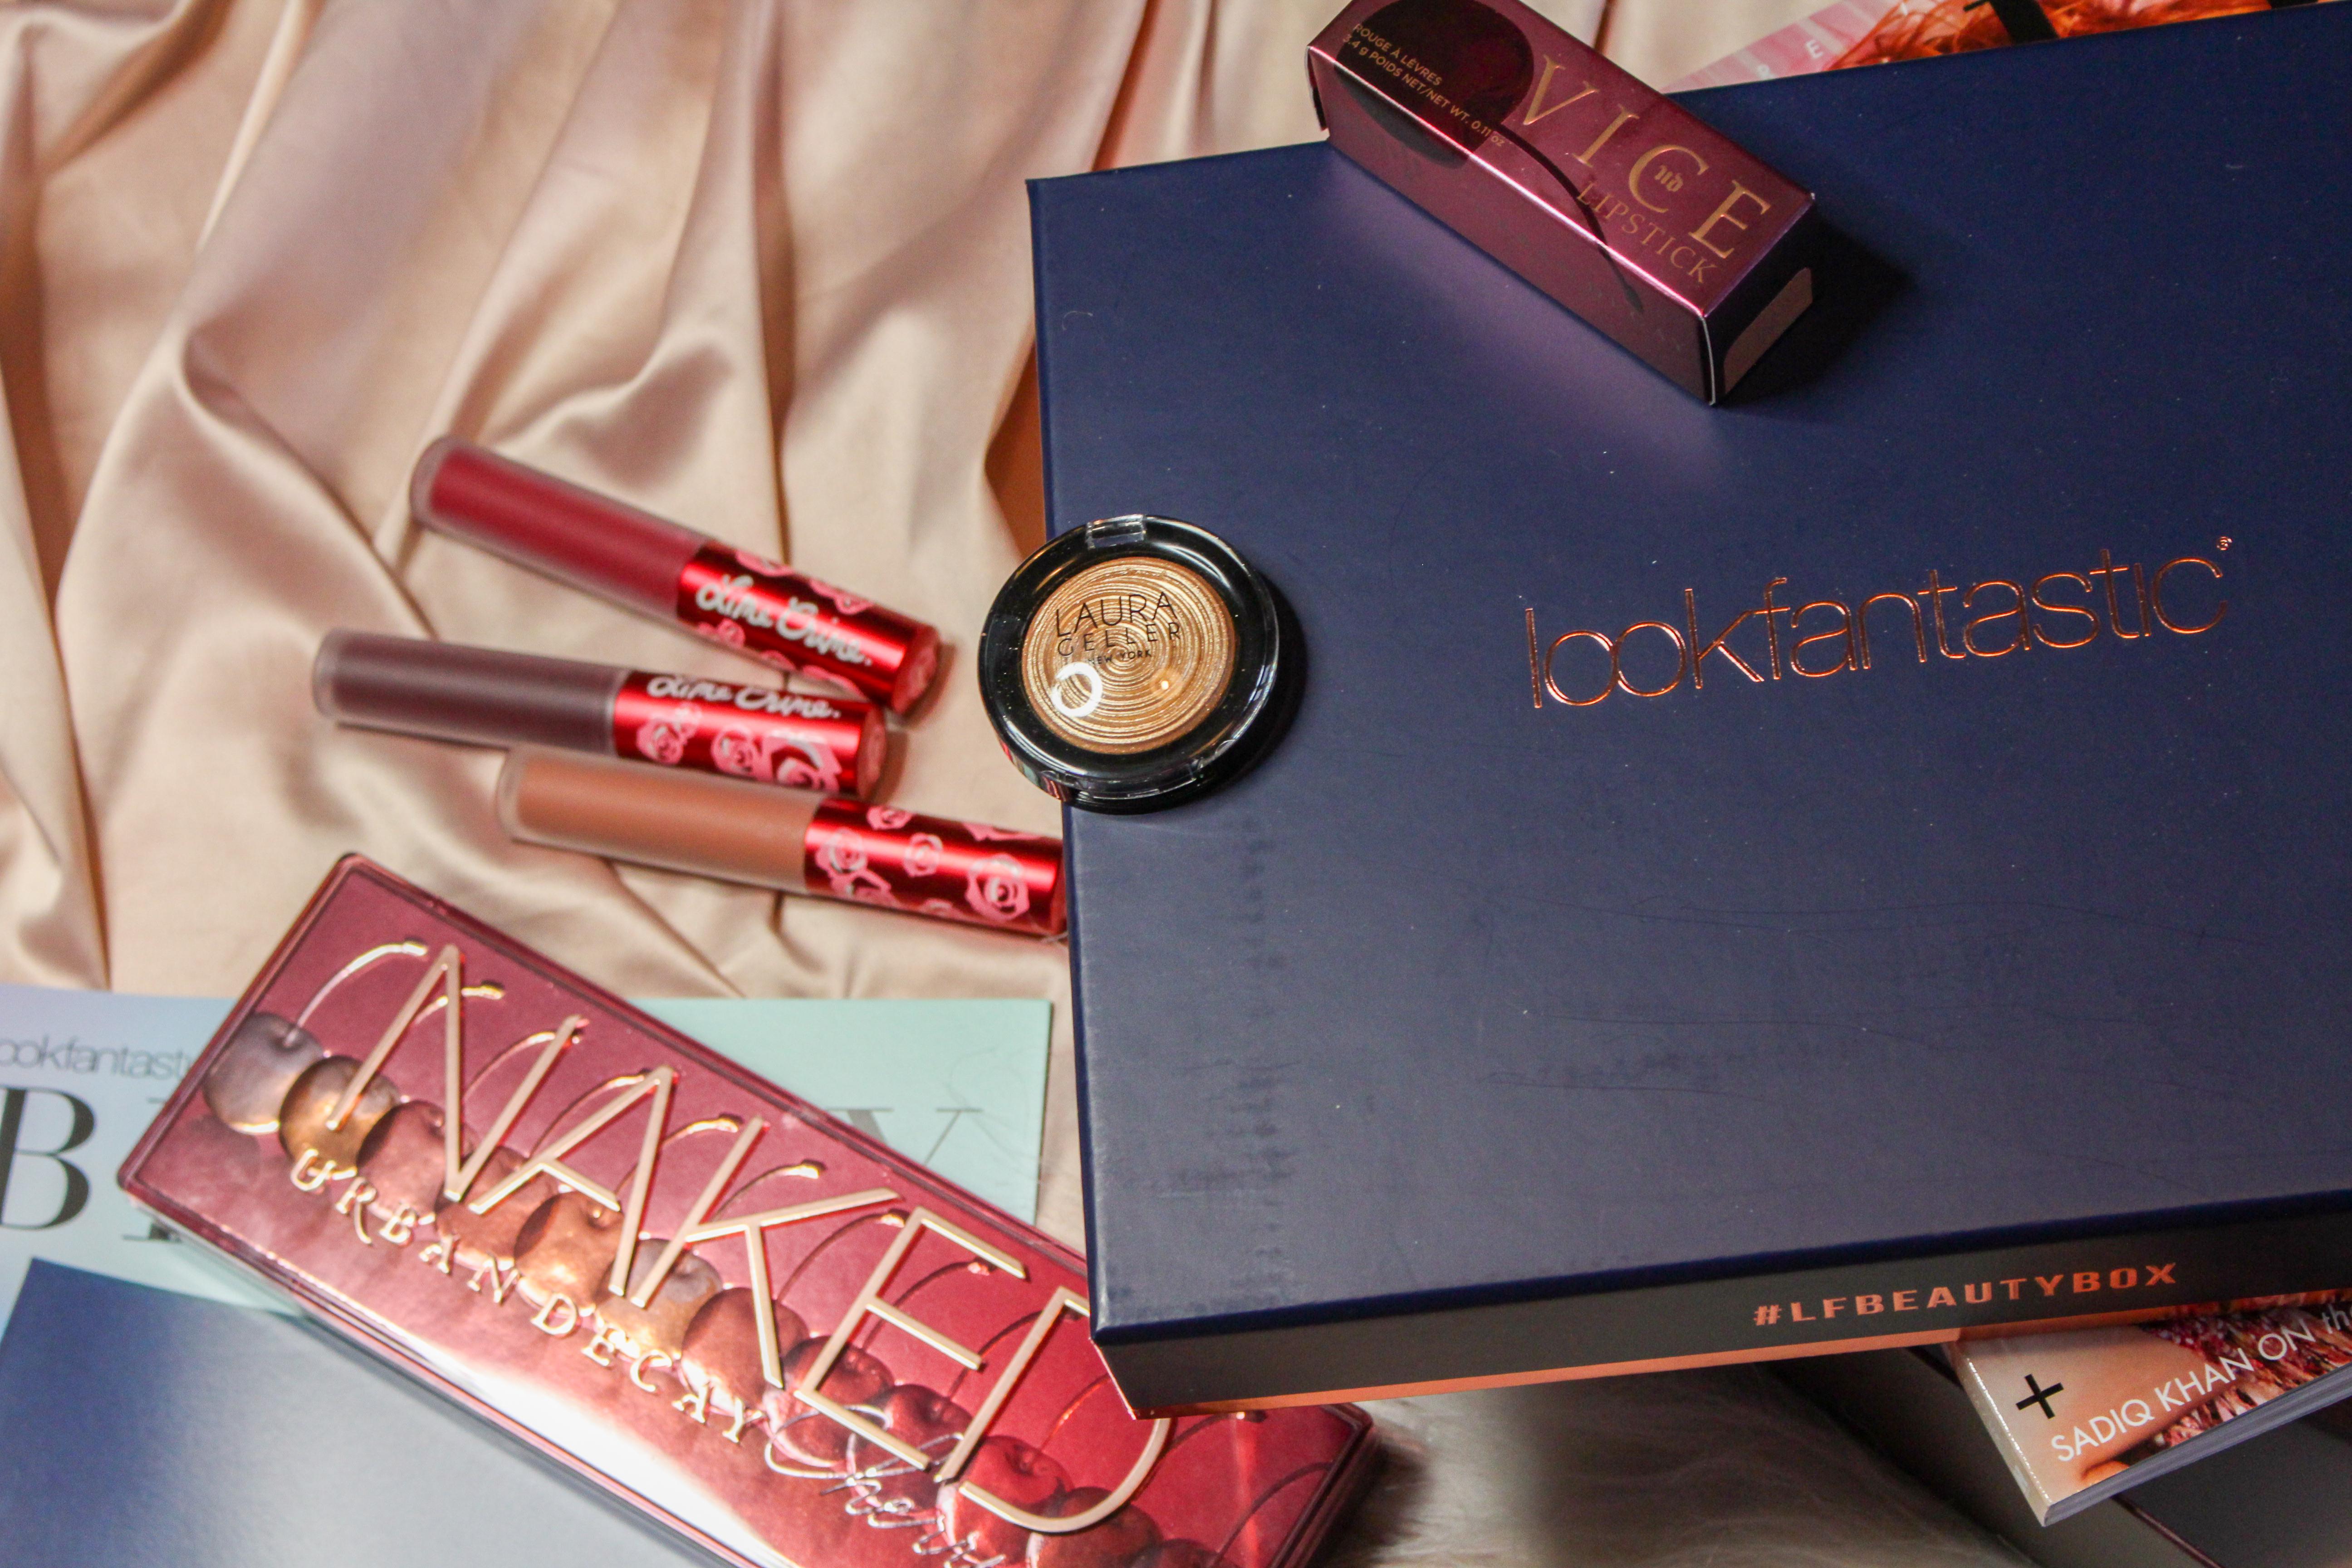 Beauty & make-up | Al het moois dat je bij Lookfantastic vindt!